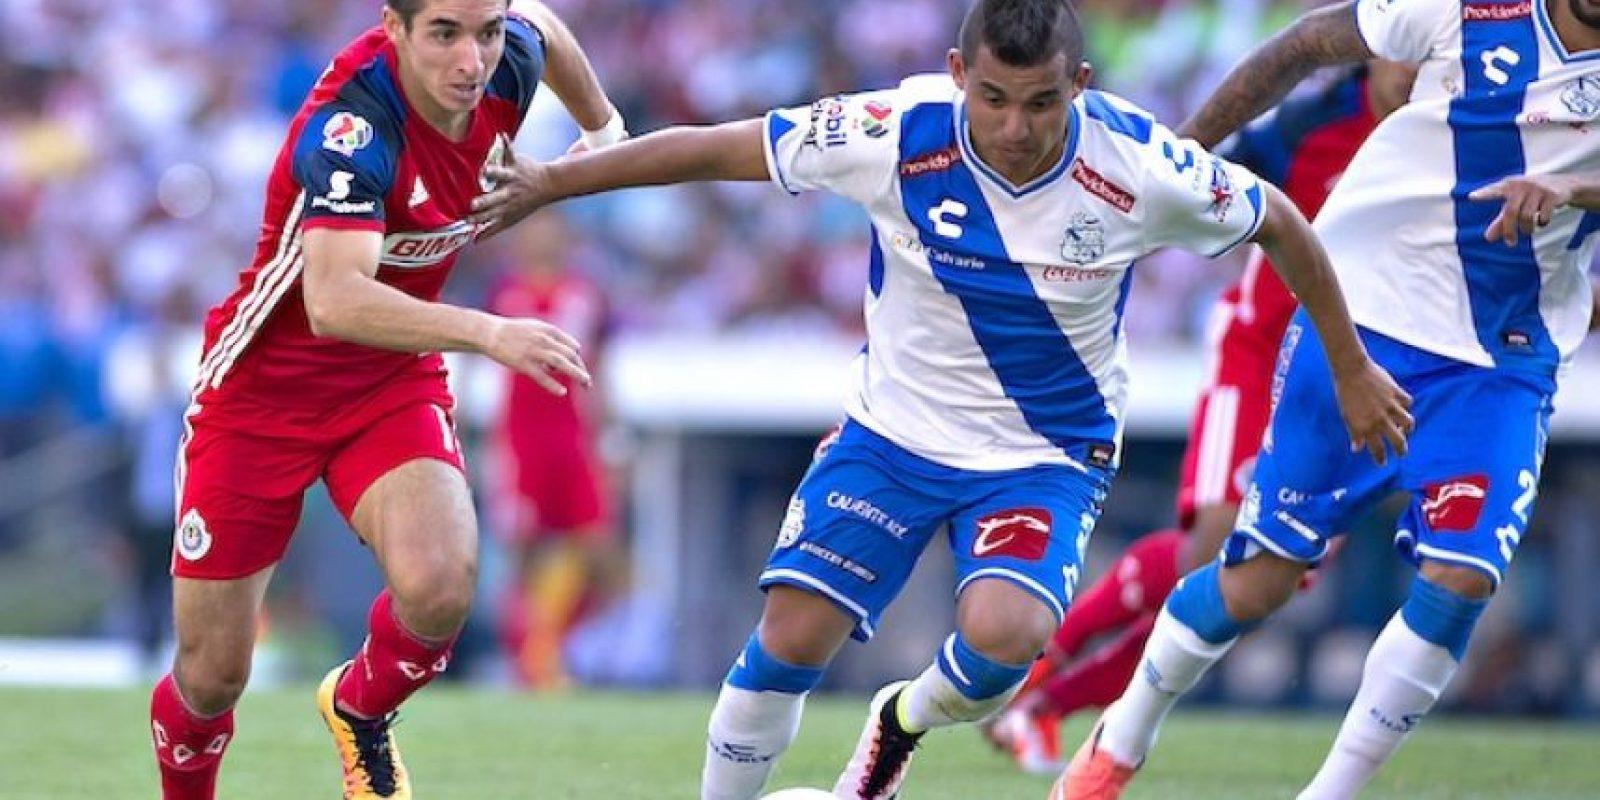 Chivas y Puebla cambiarían el horario de sus partidos de local para el Apertura 2016. Foto:Mexsport